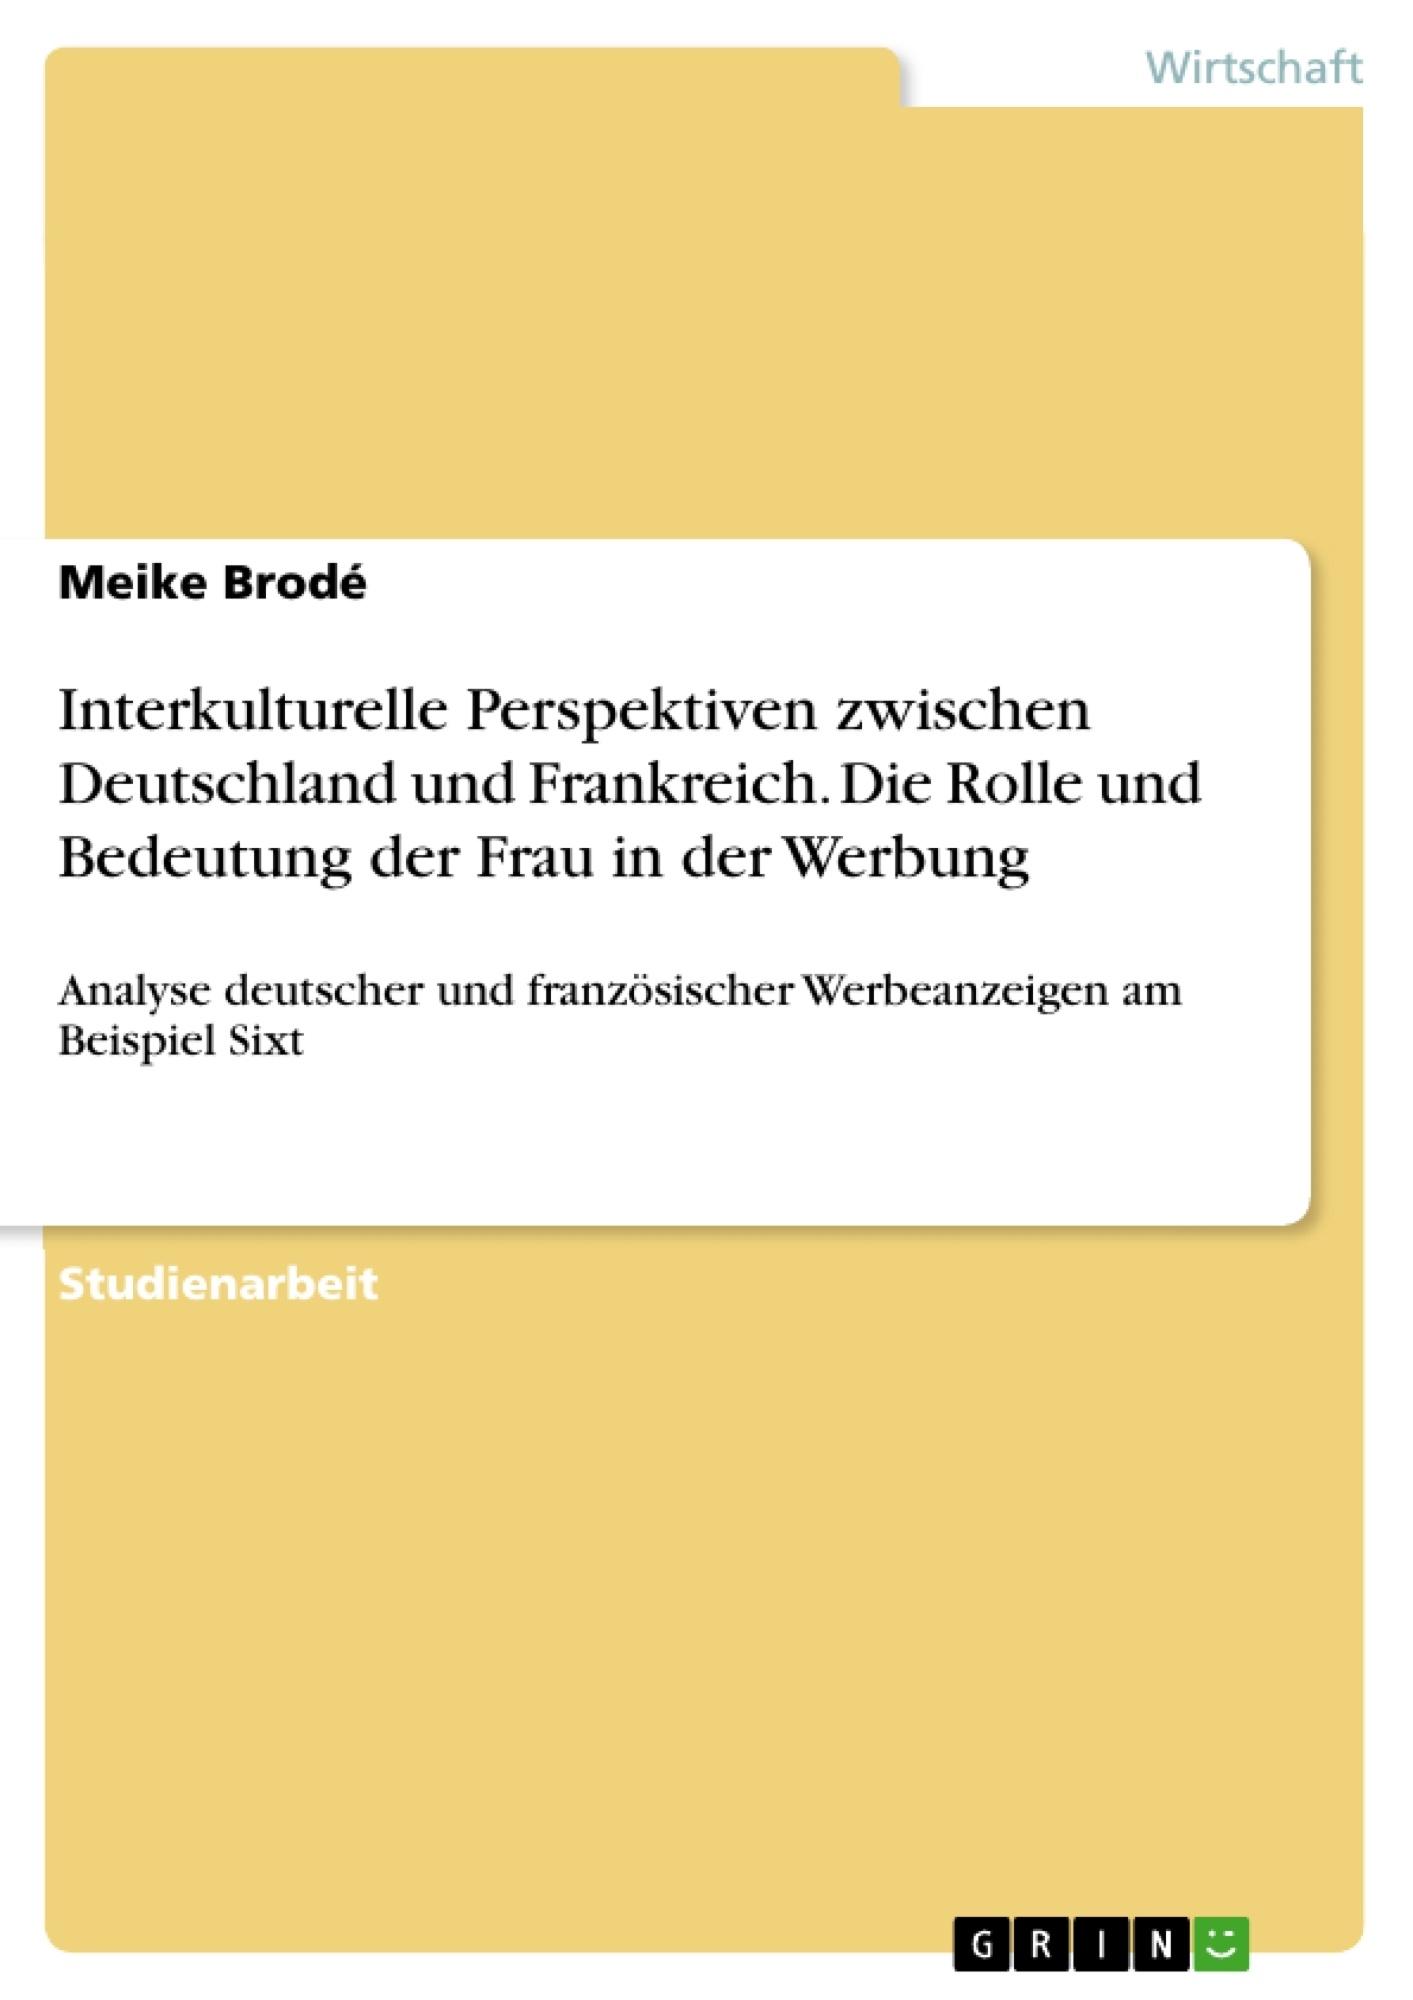 Titel: Interkulturelle Perspektiven zwischen Deutschland und Frankreich. Die Rolle und Bedeutung der Frau in der Werbung